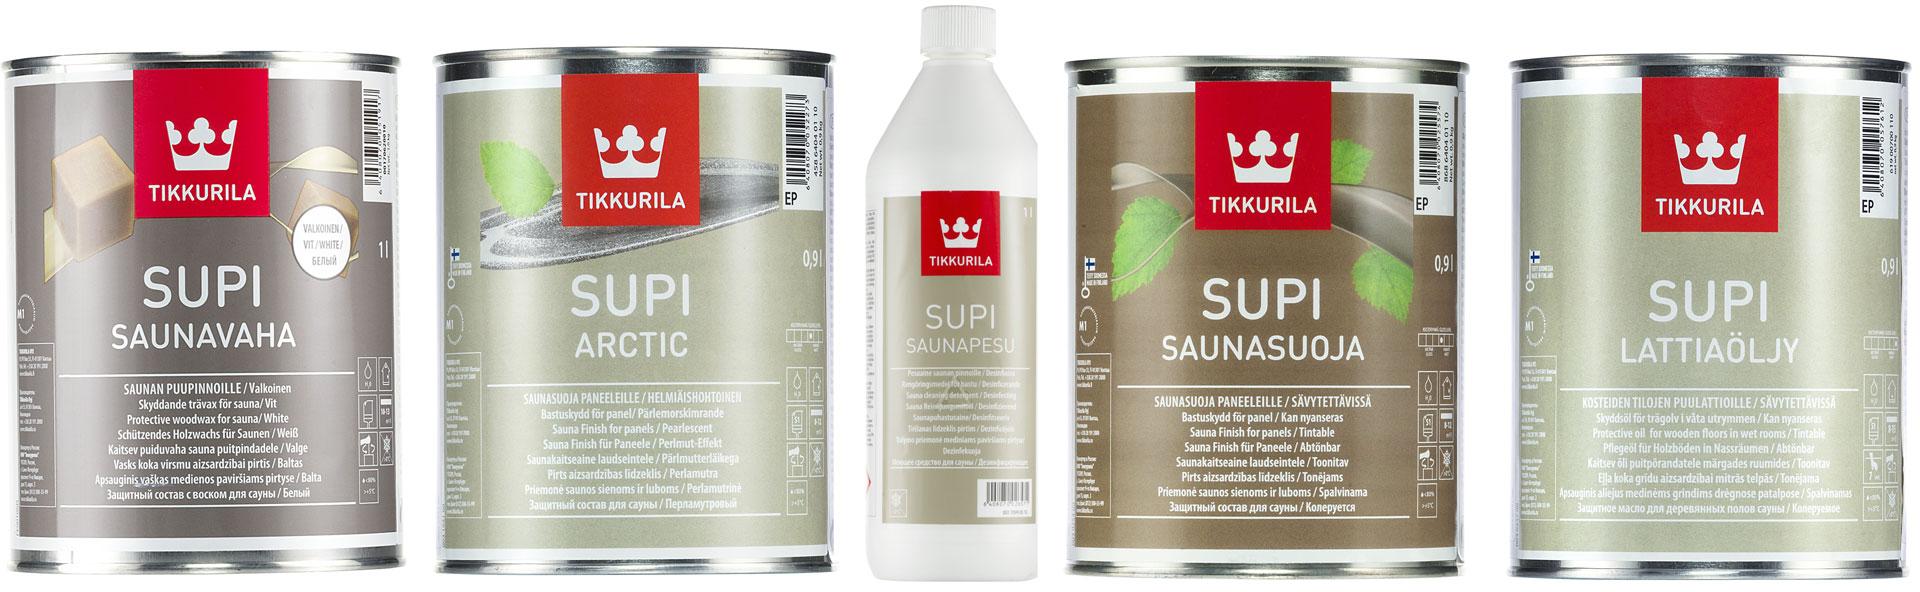 Tuotteet säväyttävän saunan tekemiseen: Supi Saunavaha, Supi Arctic, Supi Saunapesu, Supi Saunasuoja ja Supi Lattiaöljy.